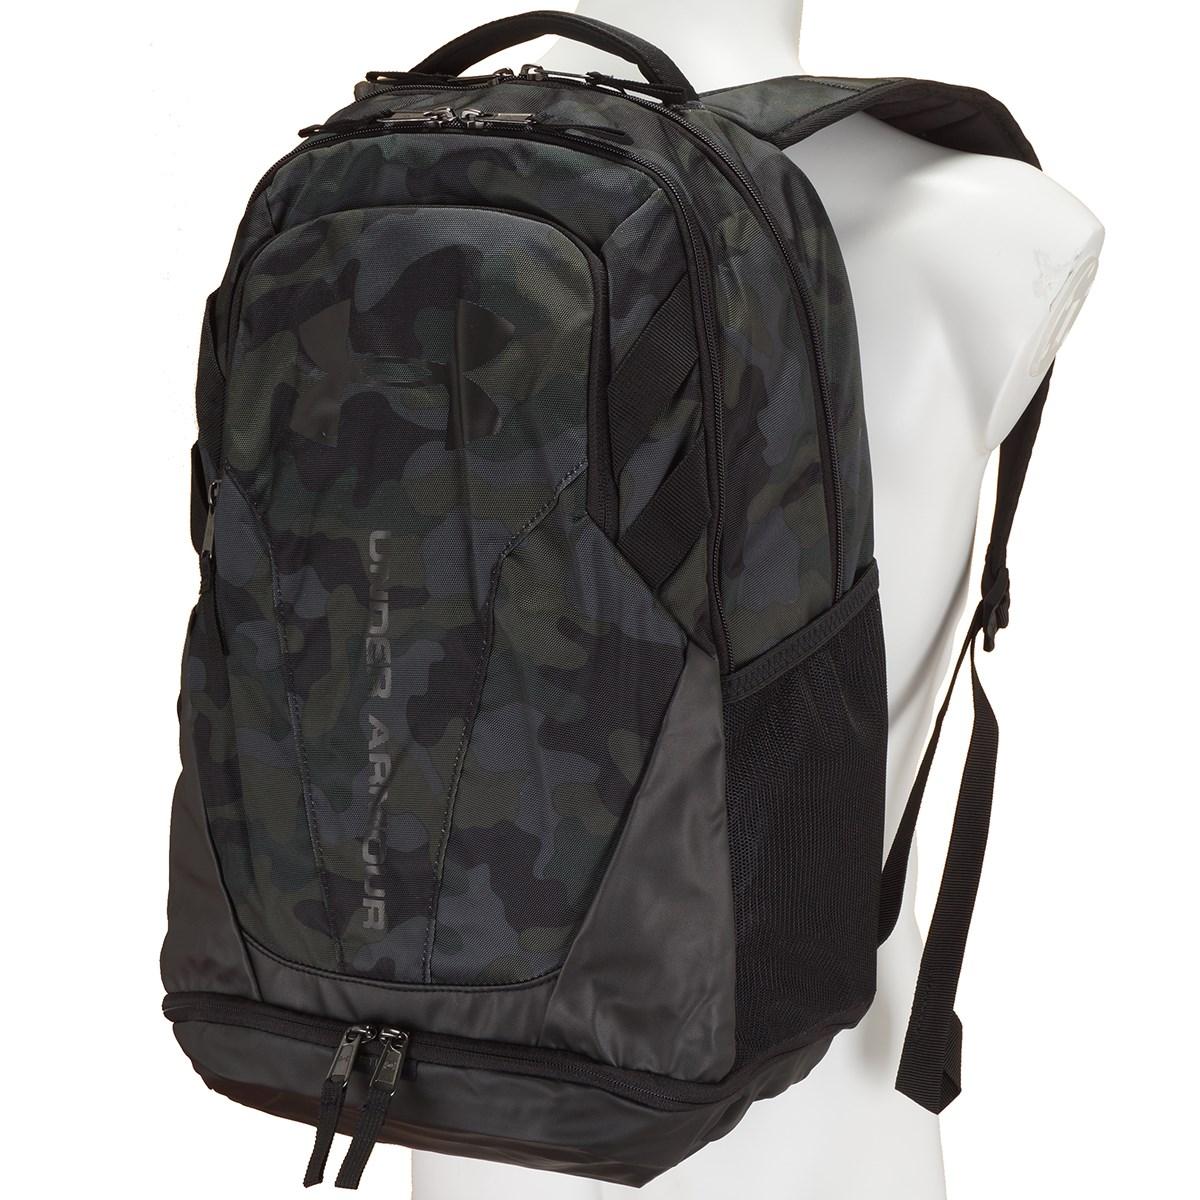 [定番モデル] アンダーアーマー UNDER ARMOUR UA HUSTLE 3.0 バックパック DESERT SAND/BLACK/BLACK メンズ ゴルフ